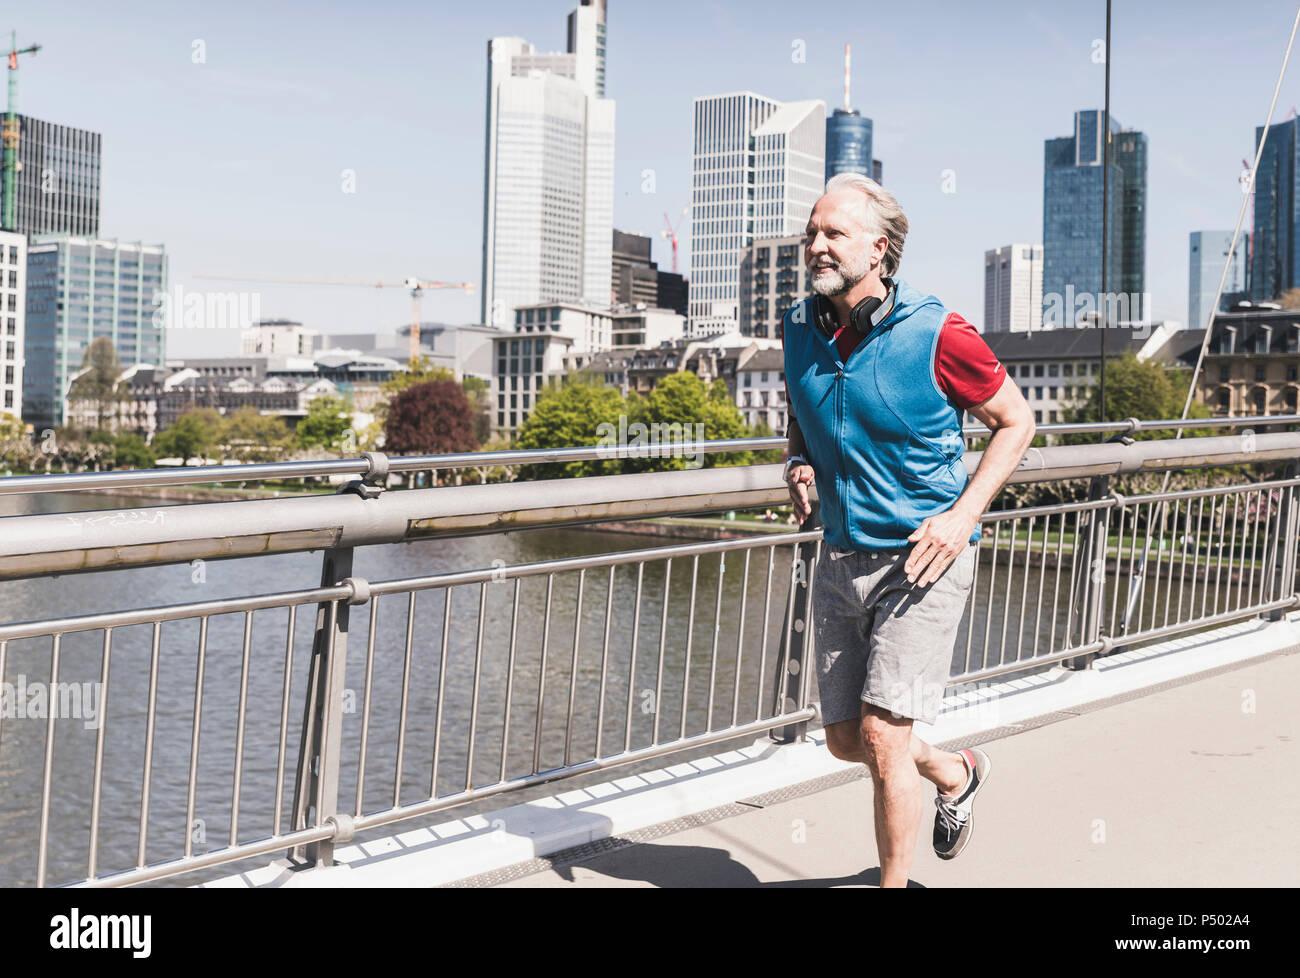 Smiling mature man with headphones tournant sur le pont dans la ville Photo Stock